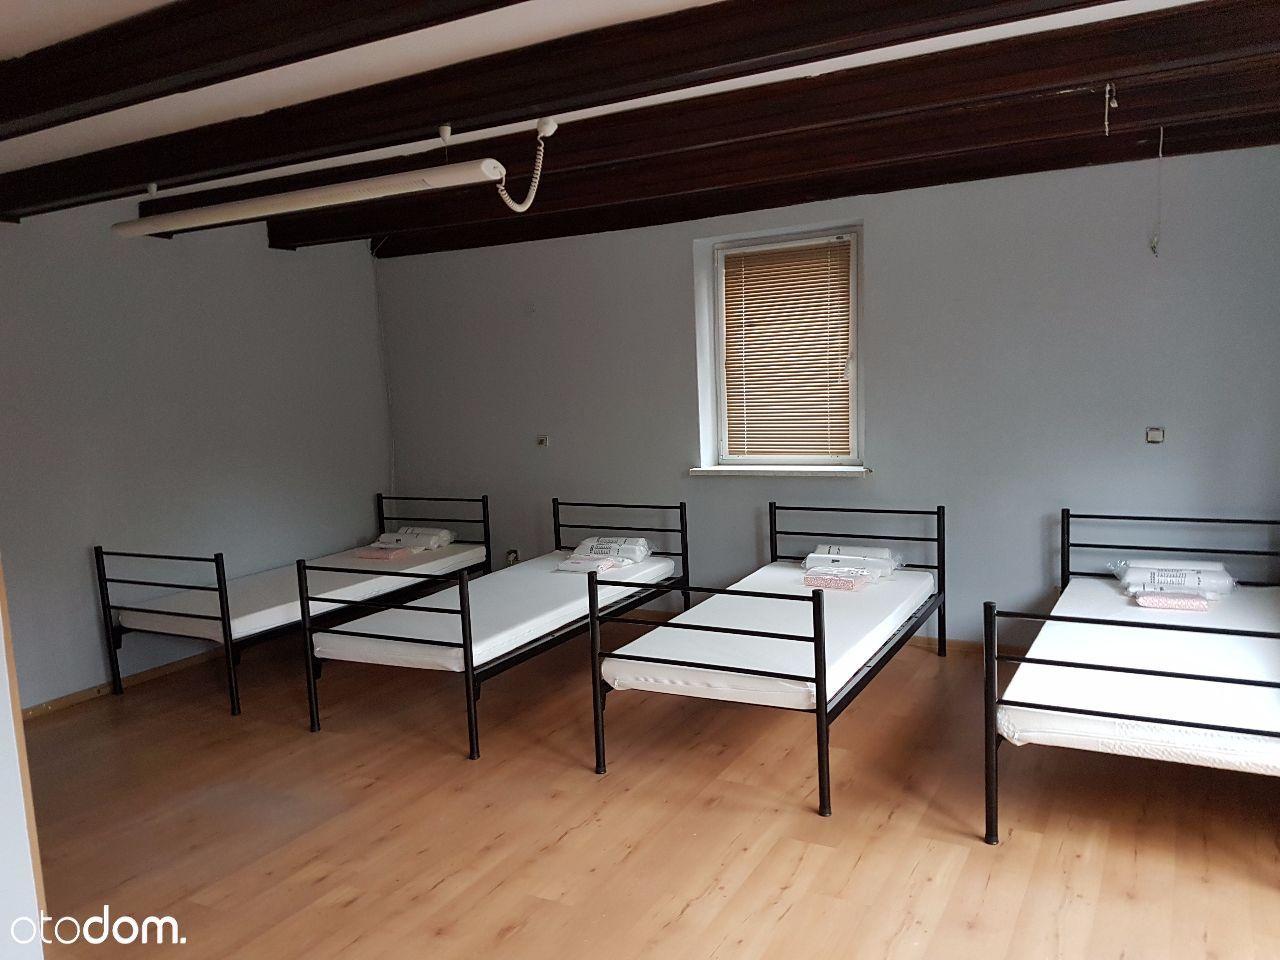 Dom do wynajęcia pokoje noclegi od16zł/os Gliwice